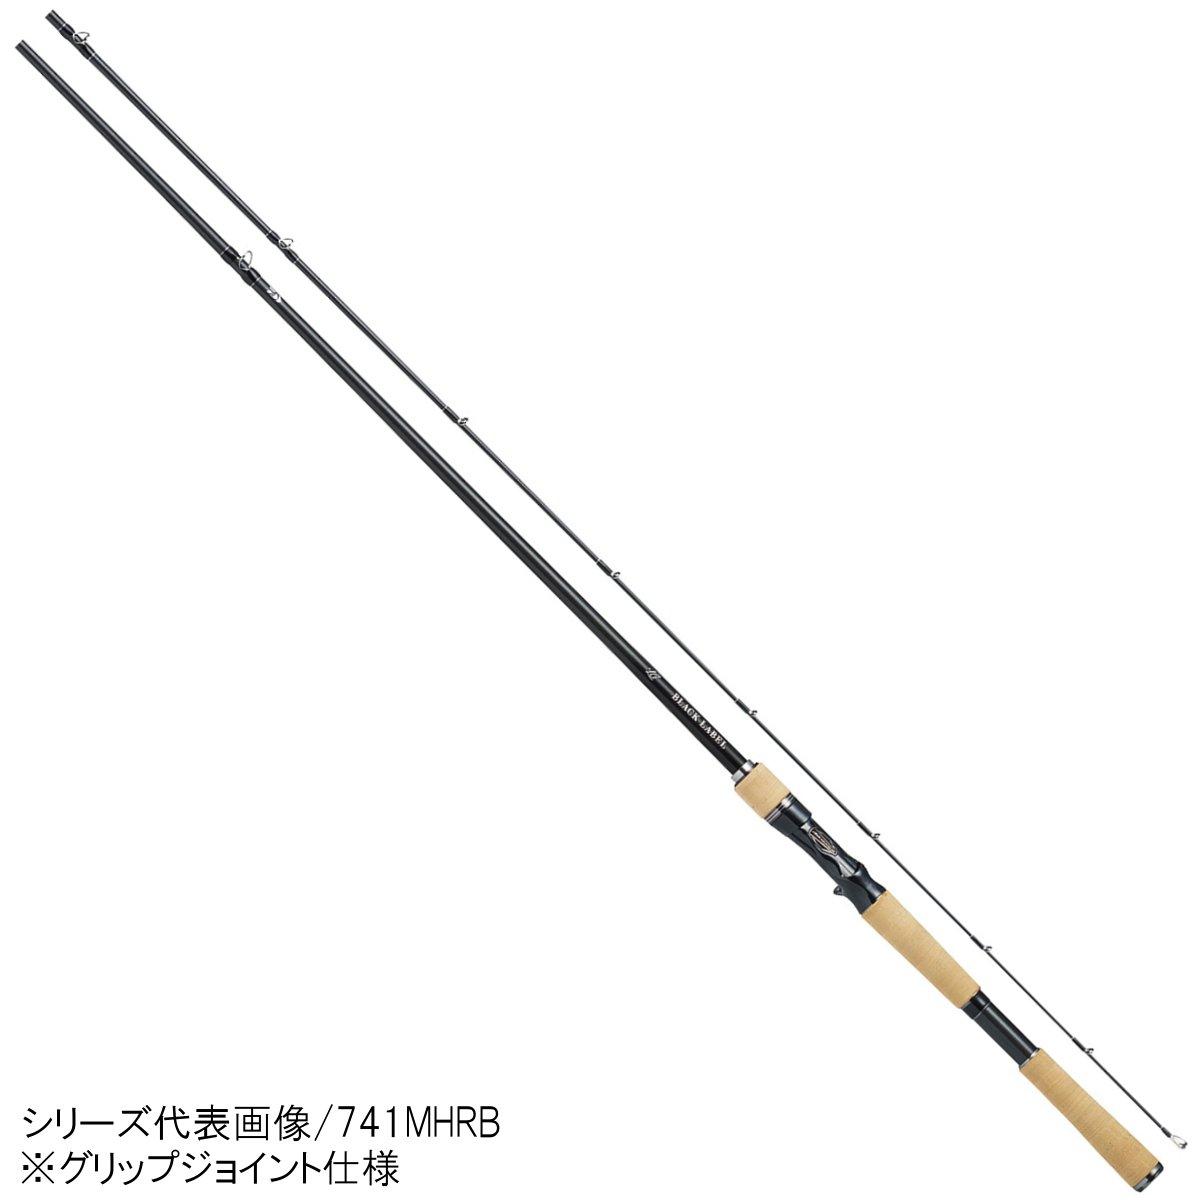 ダイワ ブラックレーベル LG(ベイトキャスティングモデル) 6101MRB【大型商品】